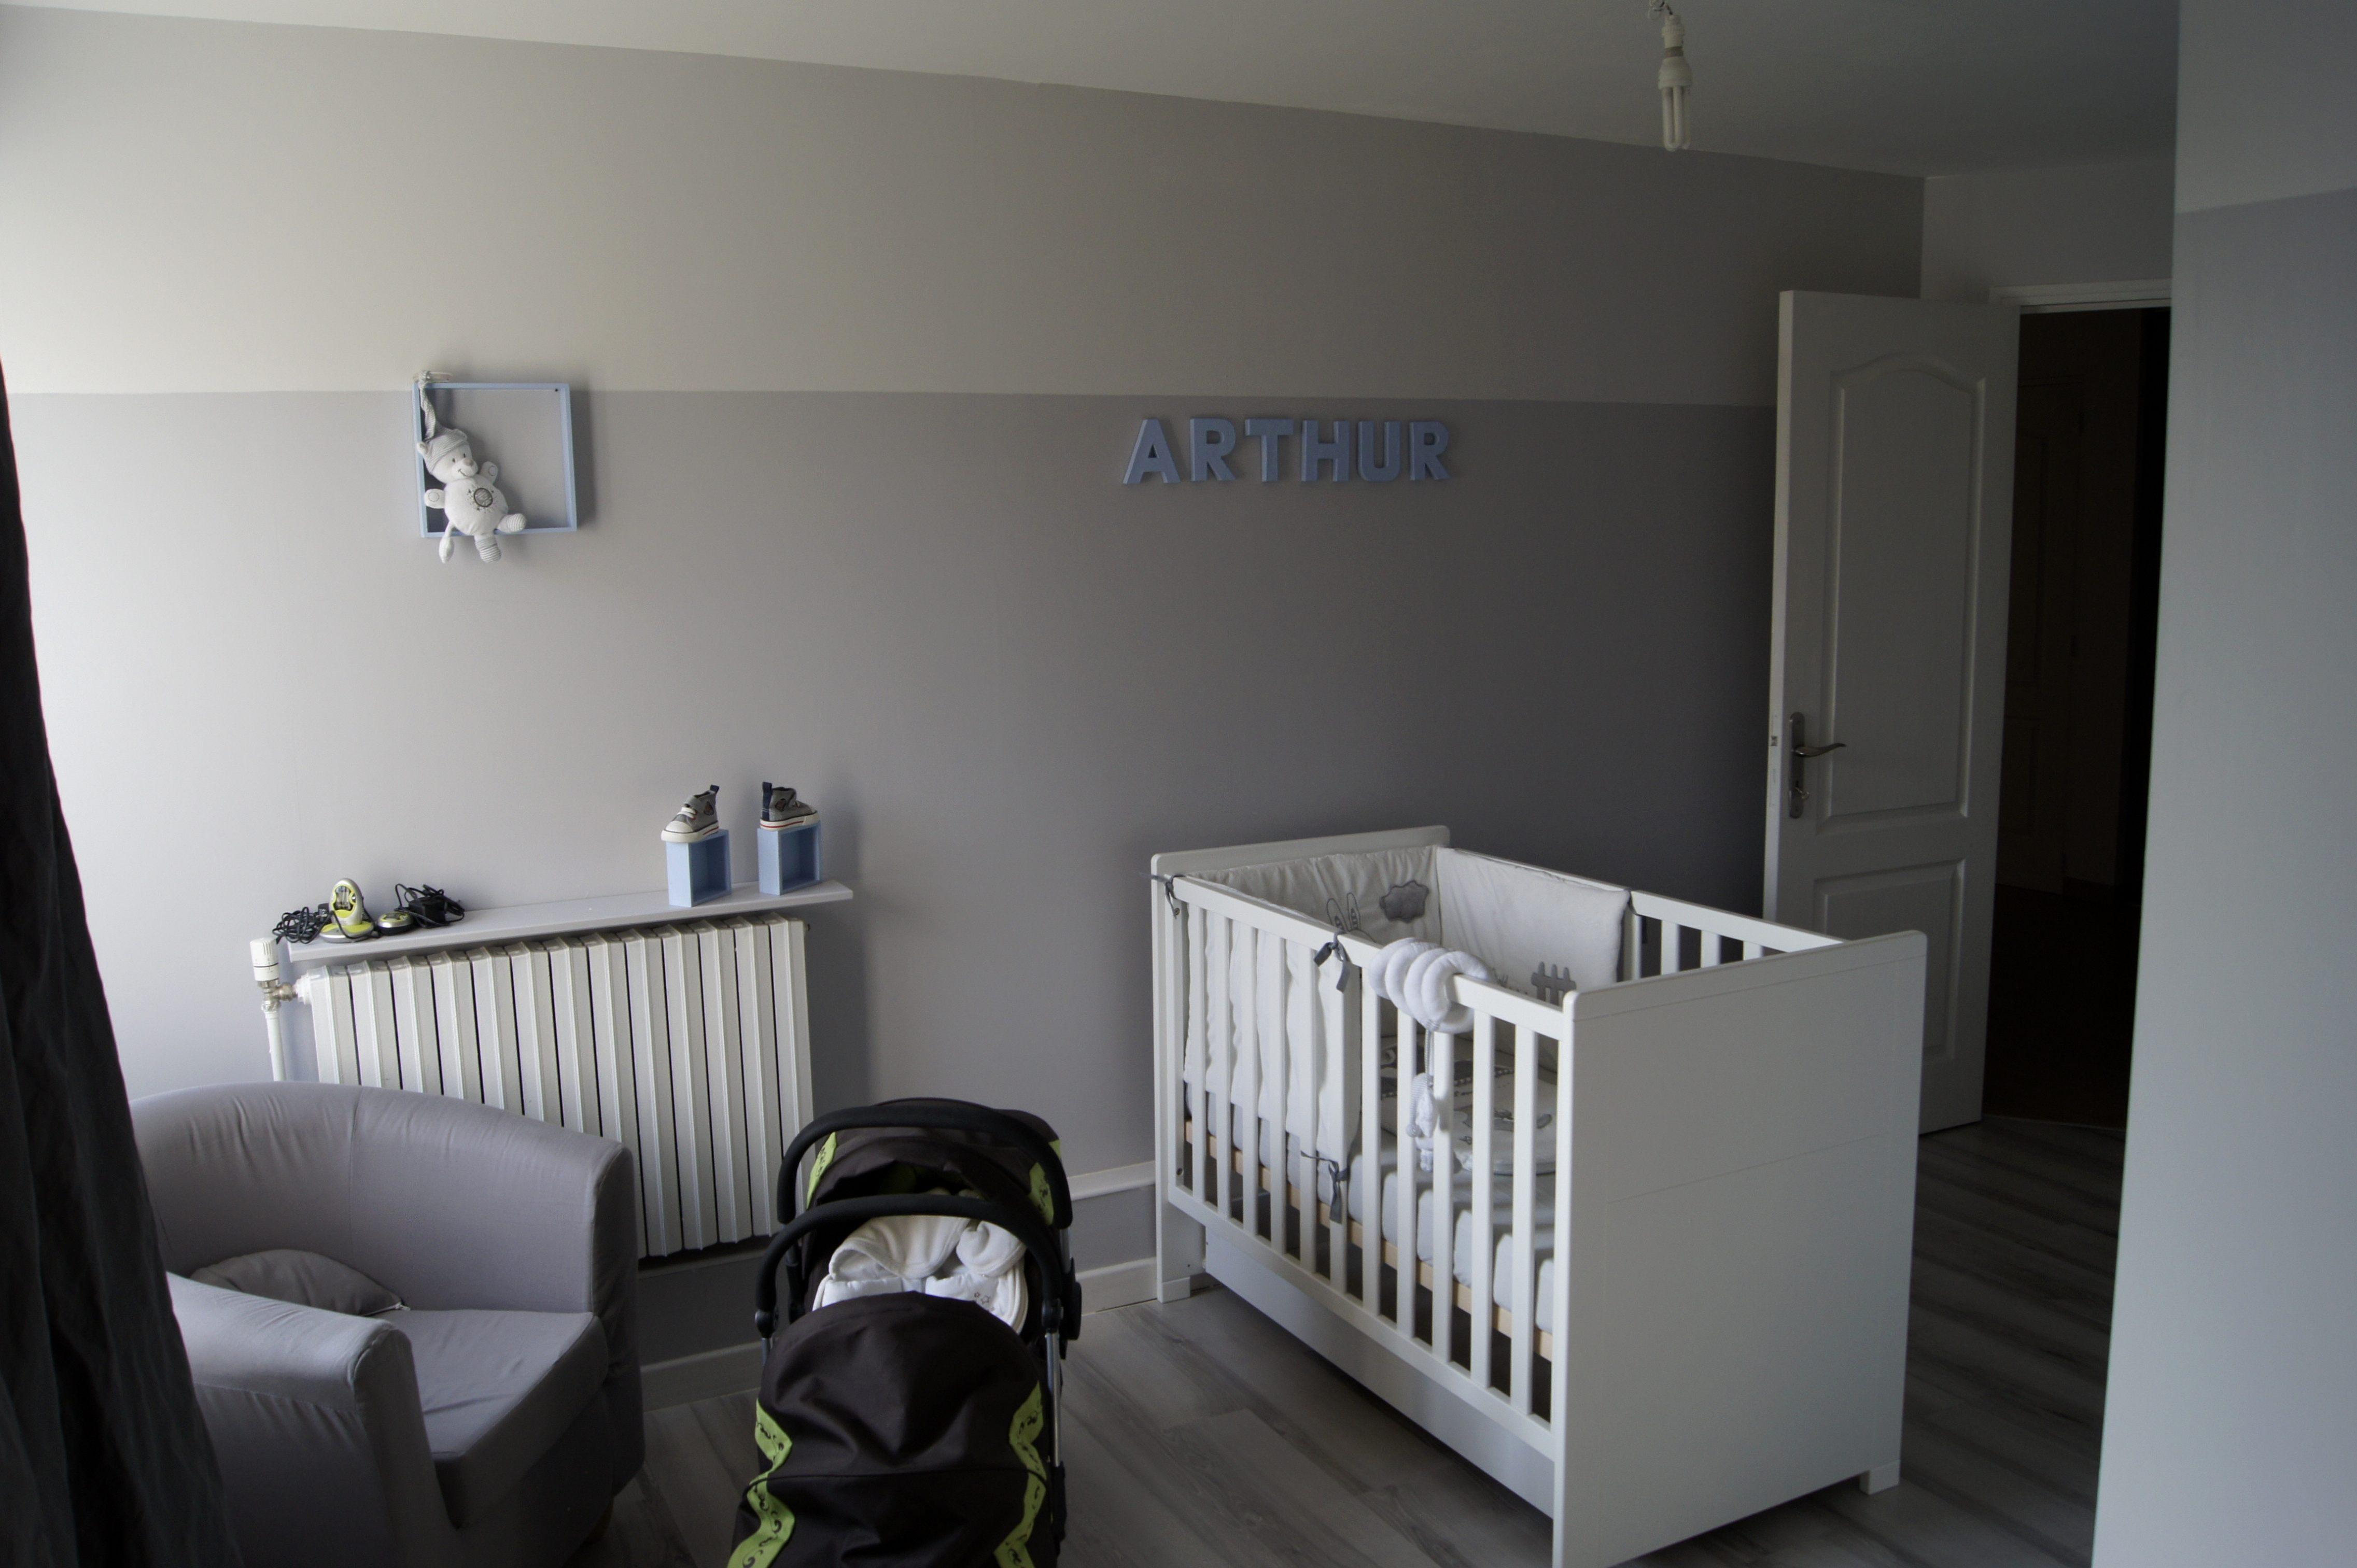 Tete De Lit Murale Belle sove Lit Enfant Deco — sovedis Aquatabs